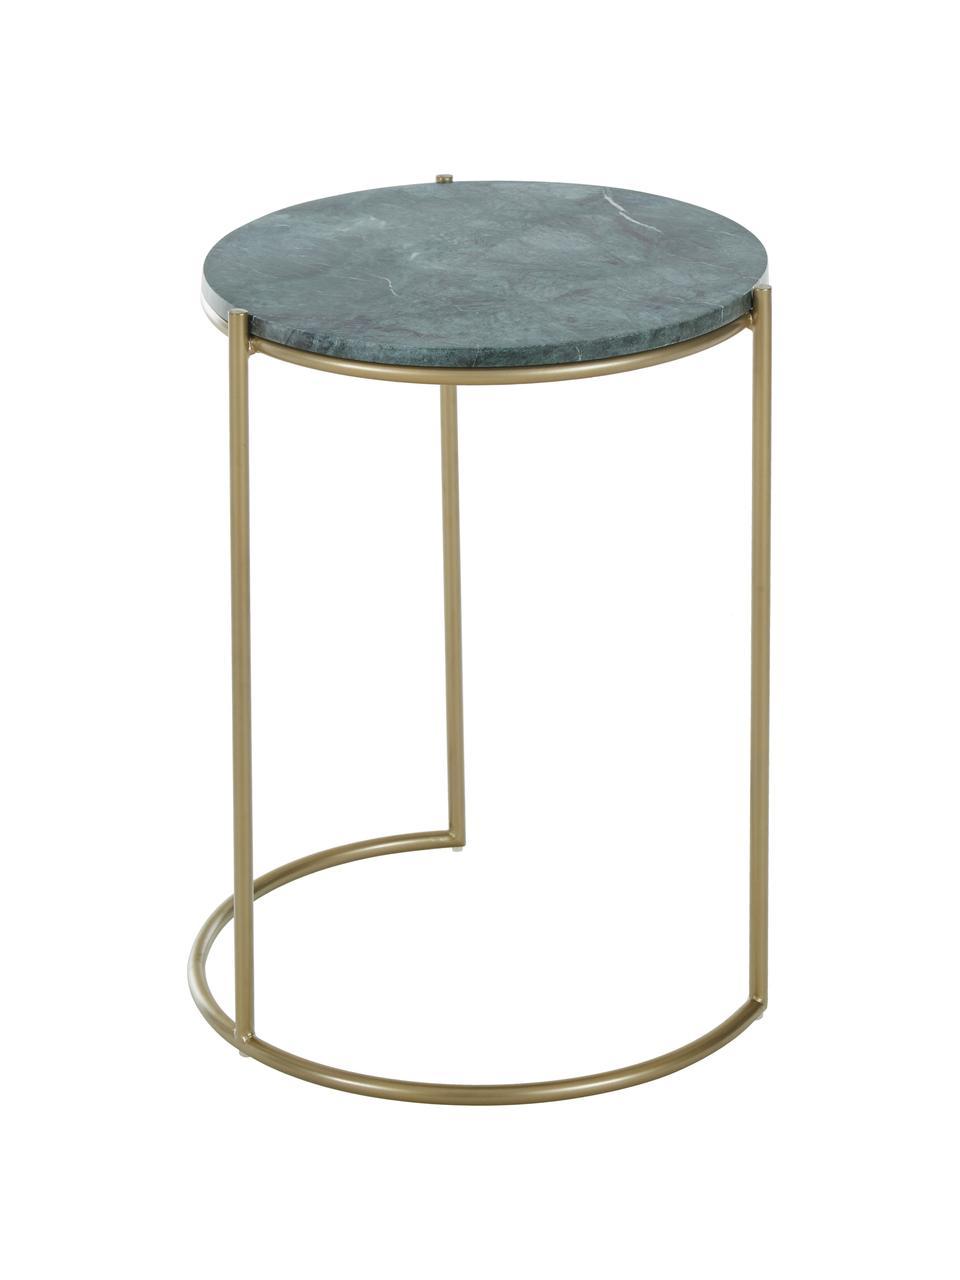 Set 2 tavolini con piano in marmo Ella, Ripiani: marmo, Struttura: metallo verniciato a polv, Piani d'appoggio: marmo verde Struttura: dorato opaco, Set in varie misure